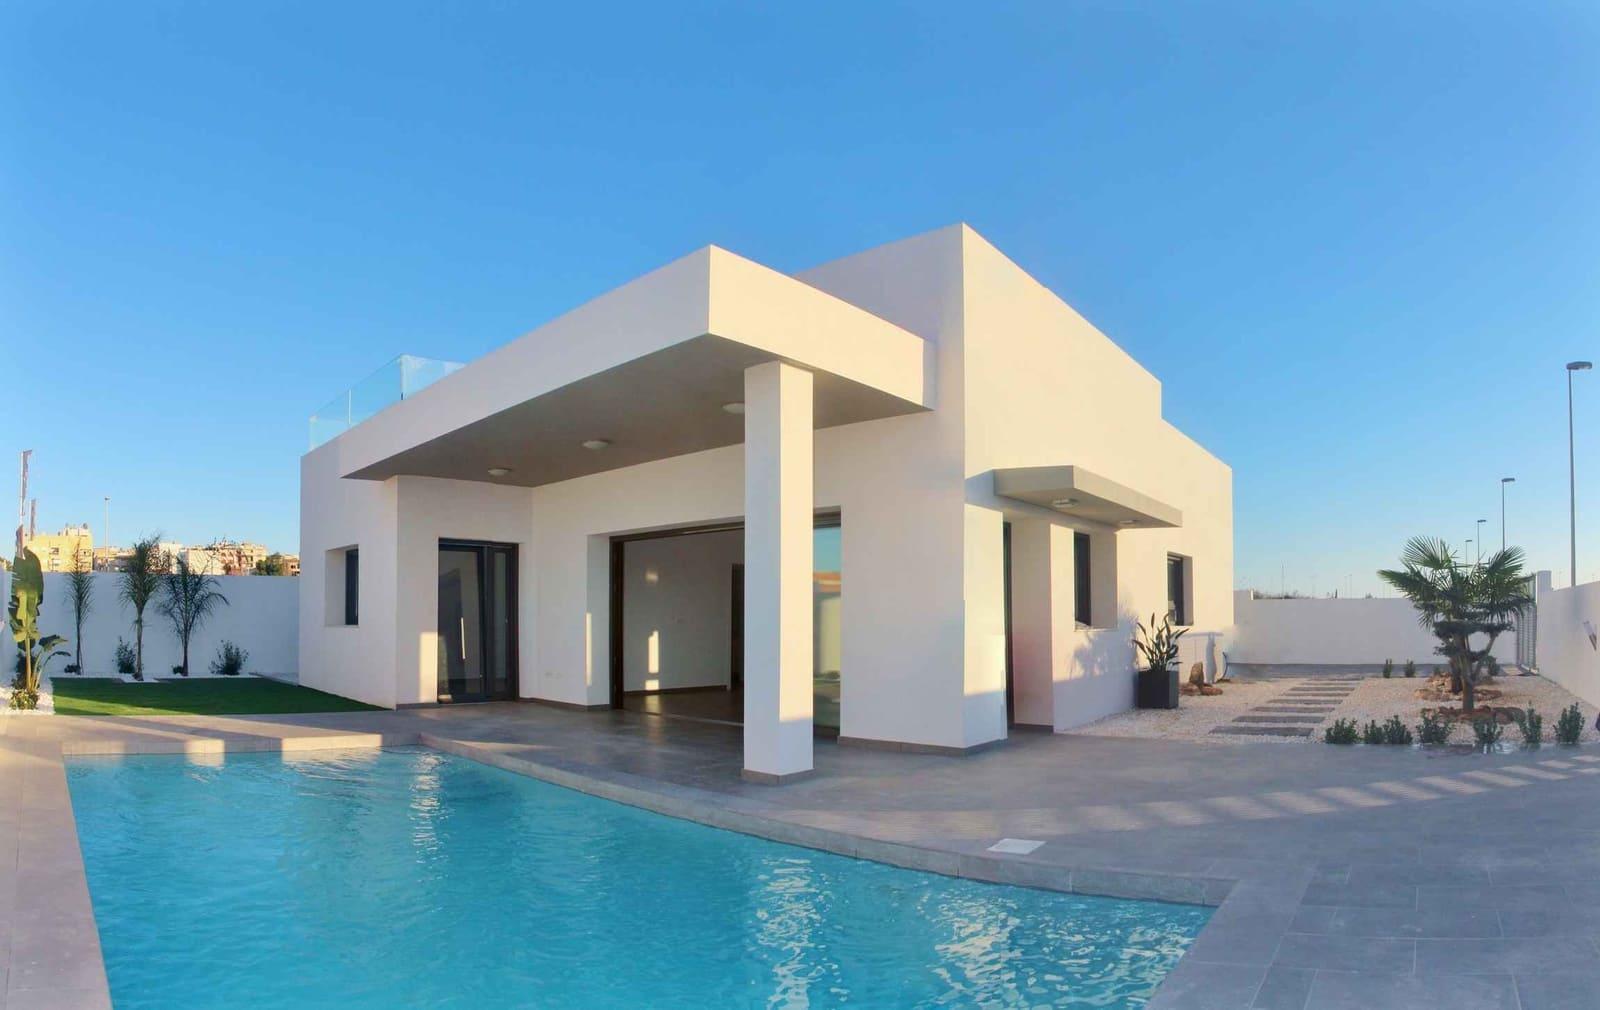 Chalet de 3 habitaciones en Benijófar en venta con piscina - 319.000 € (Ref: 4014402)